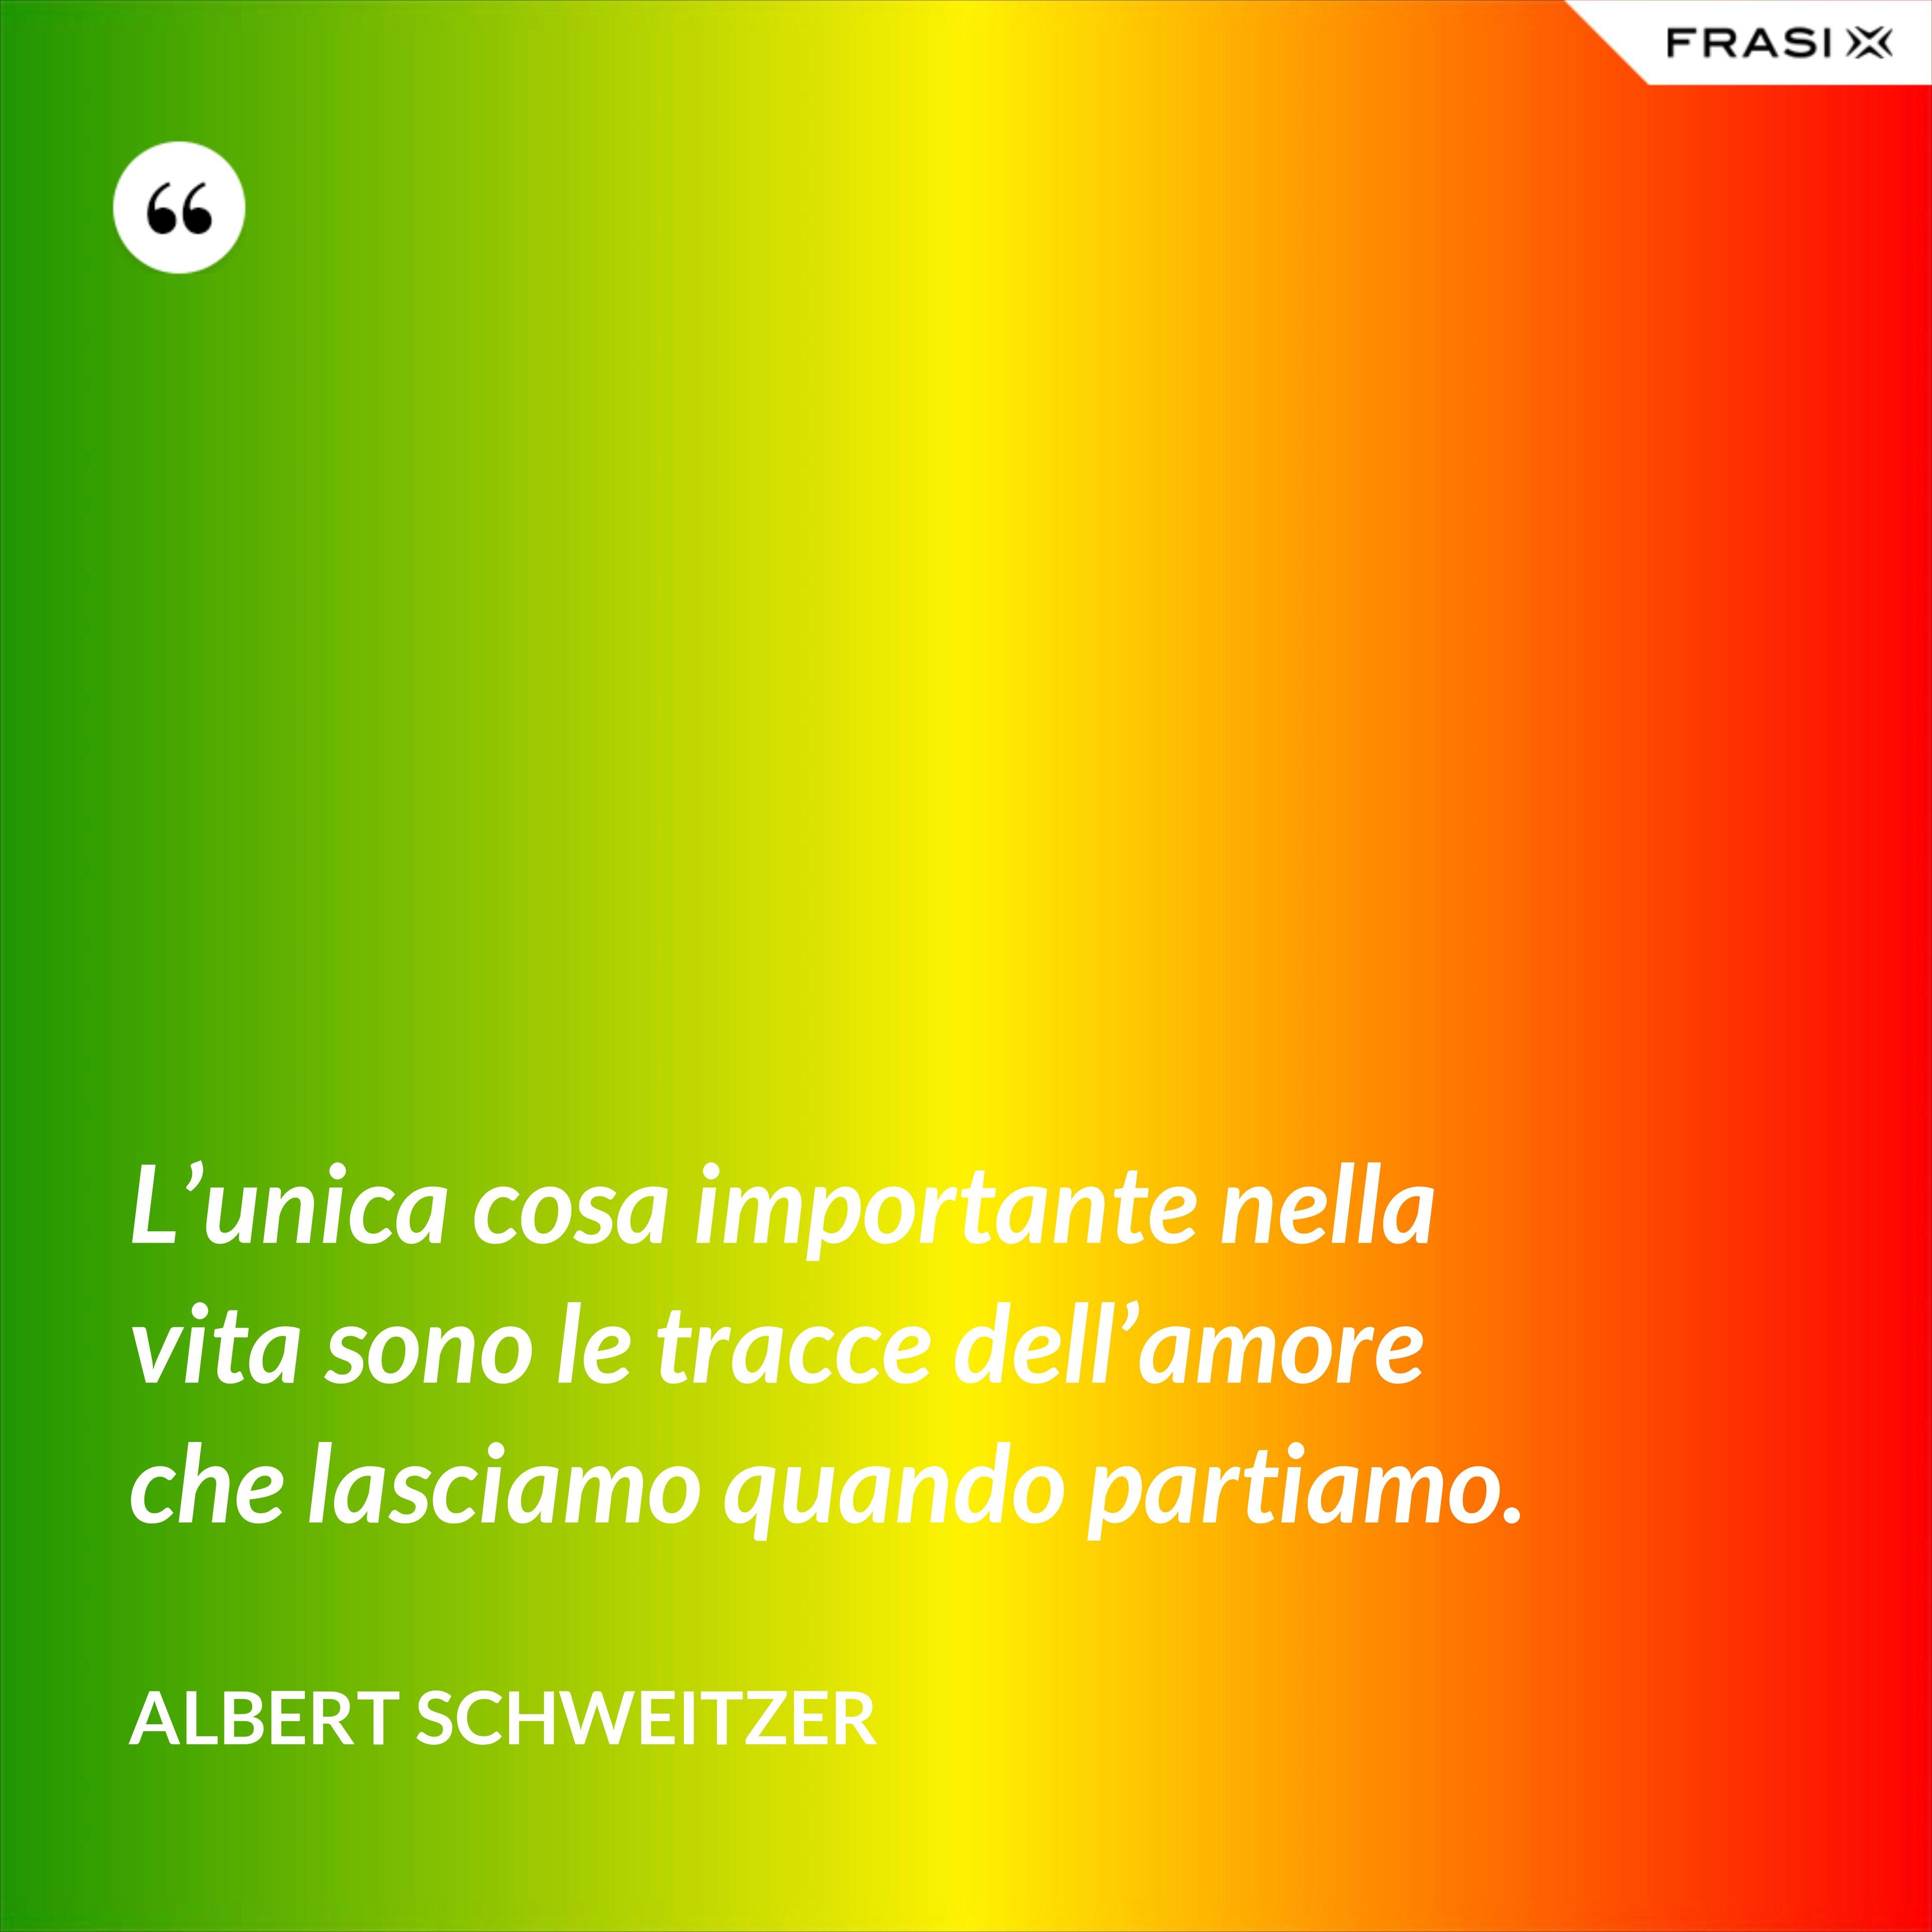 L'unica cosa importante nella vita sono le tracce dell'amore che lasciamo quando partiamo. - Albert Schweitzer